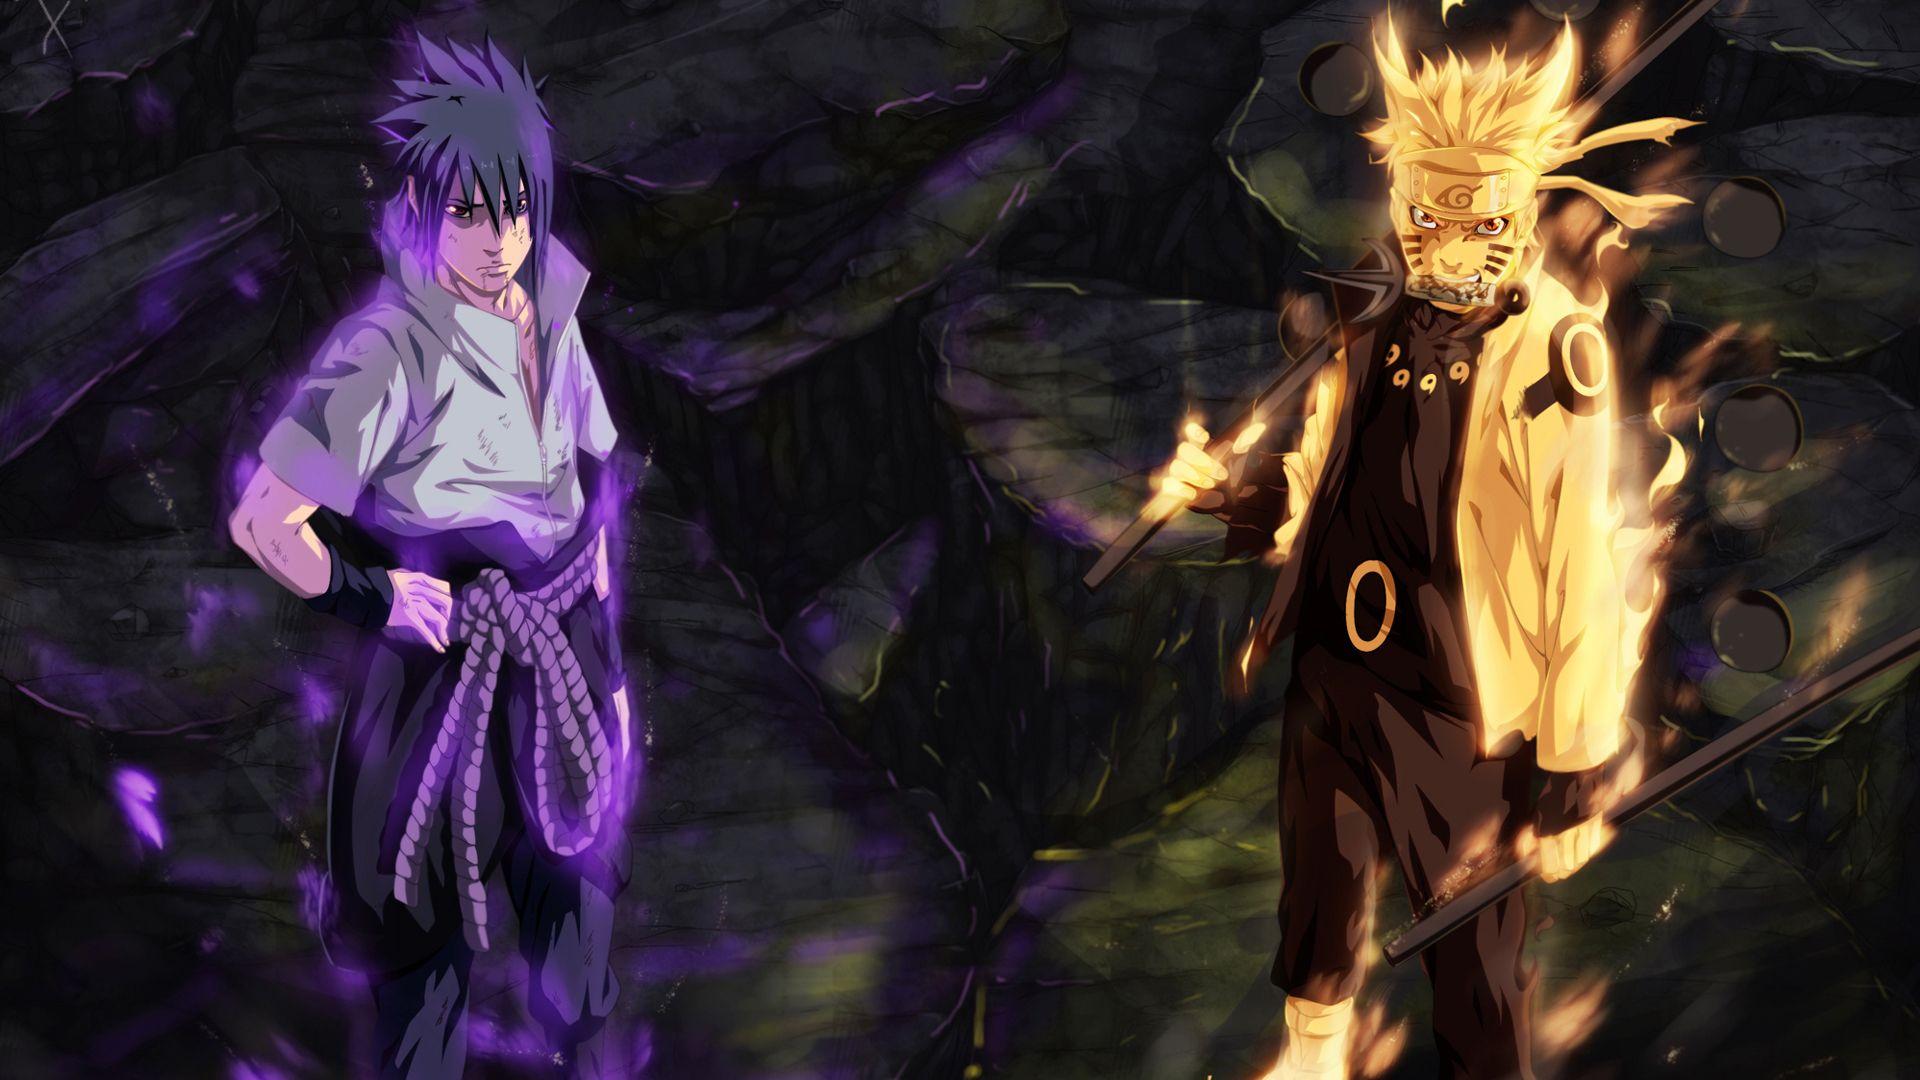 Sasuke Vs Naruto Hd Wallpaper For Android Cartoons Wallpapers 900 637 Imagenes De Naruto Y Sasuke Wallpapers 61 Wallpapers Lukisan Manga Wallpaper Ponsel